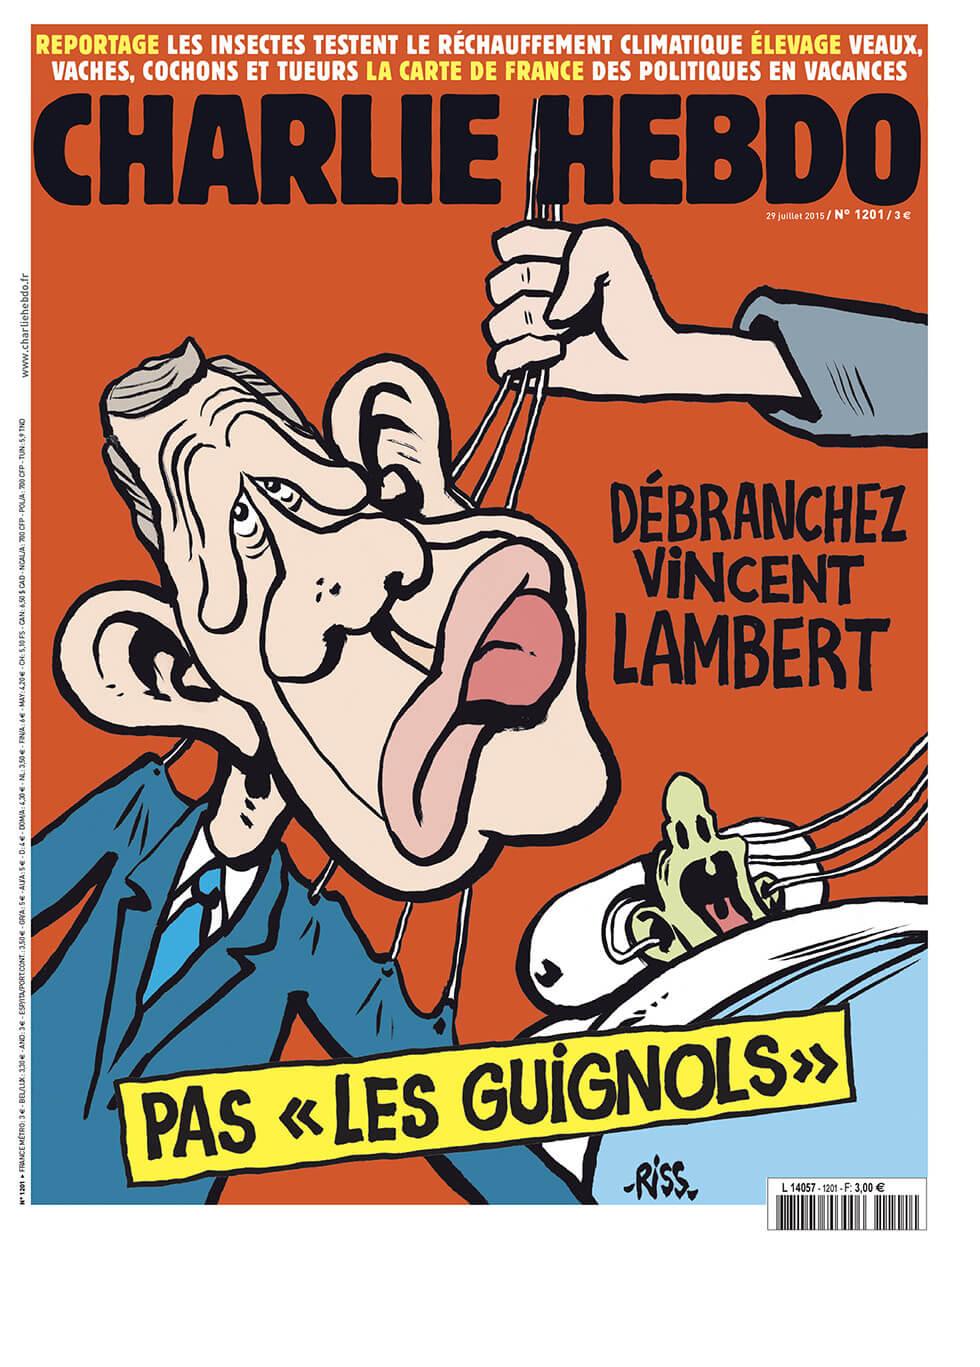 Charlie Hebdo n°1201 --- 29 juillet 2015